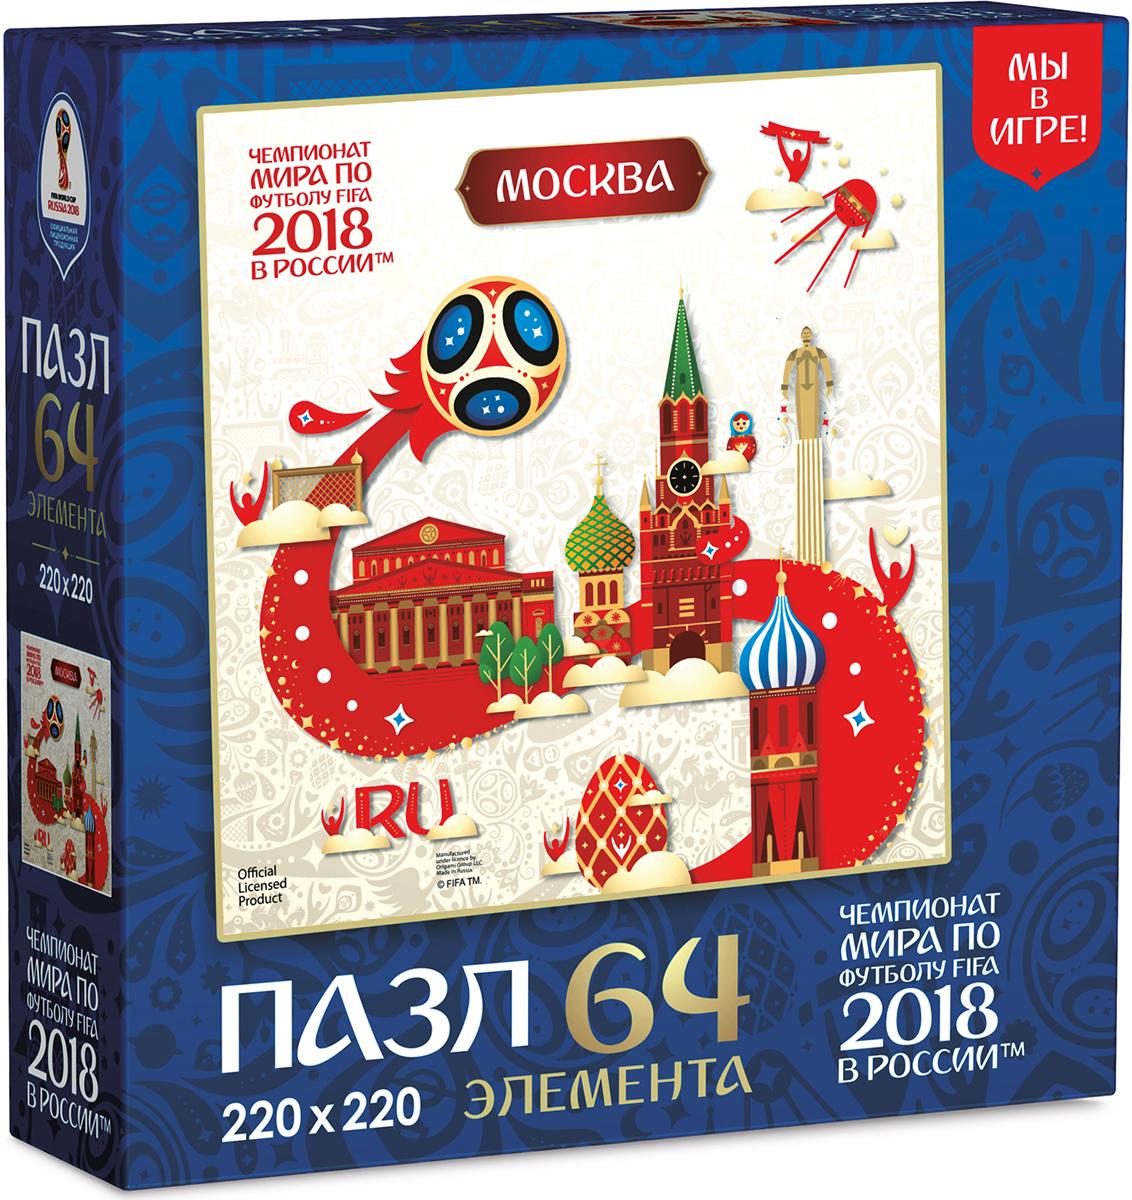 FIFA World Cup Russia 2018 Пазл Look Москва 03871 цена и фото